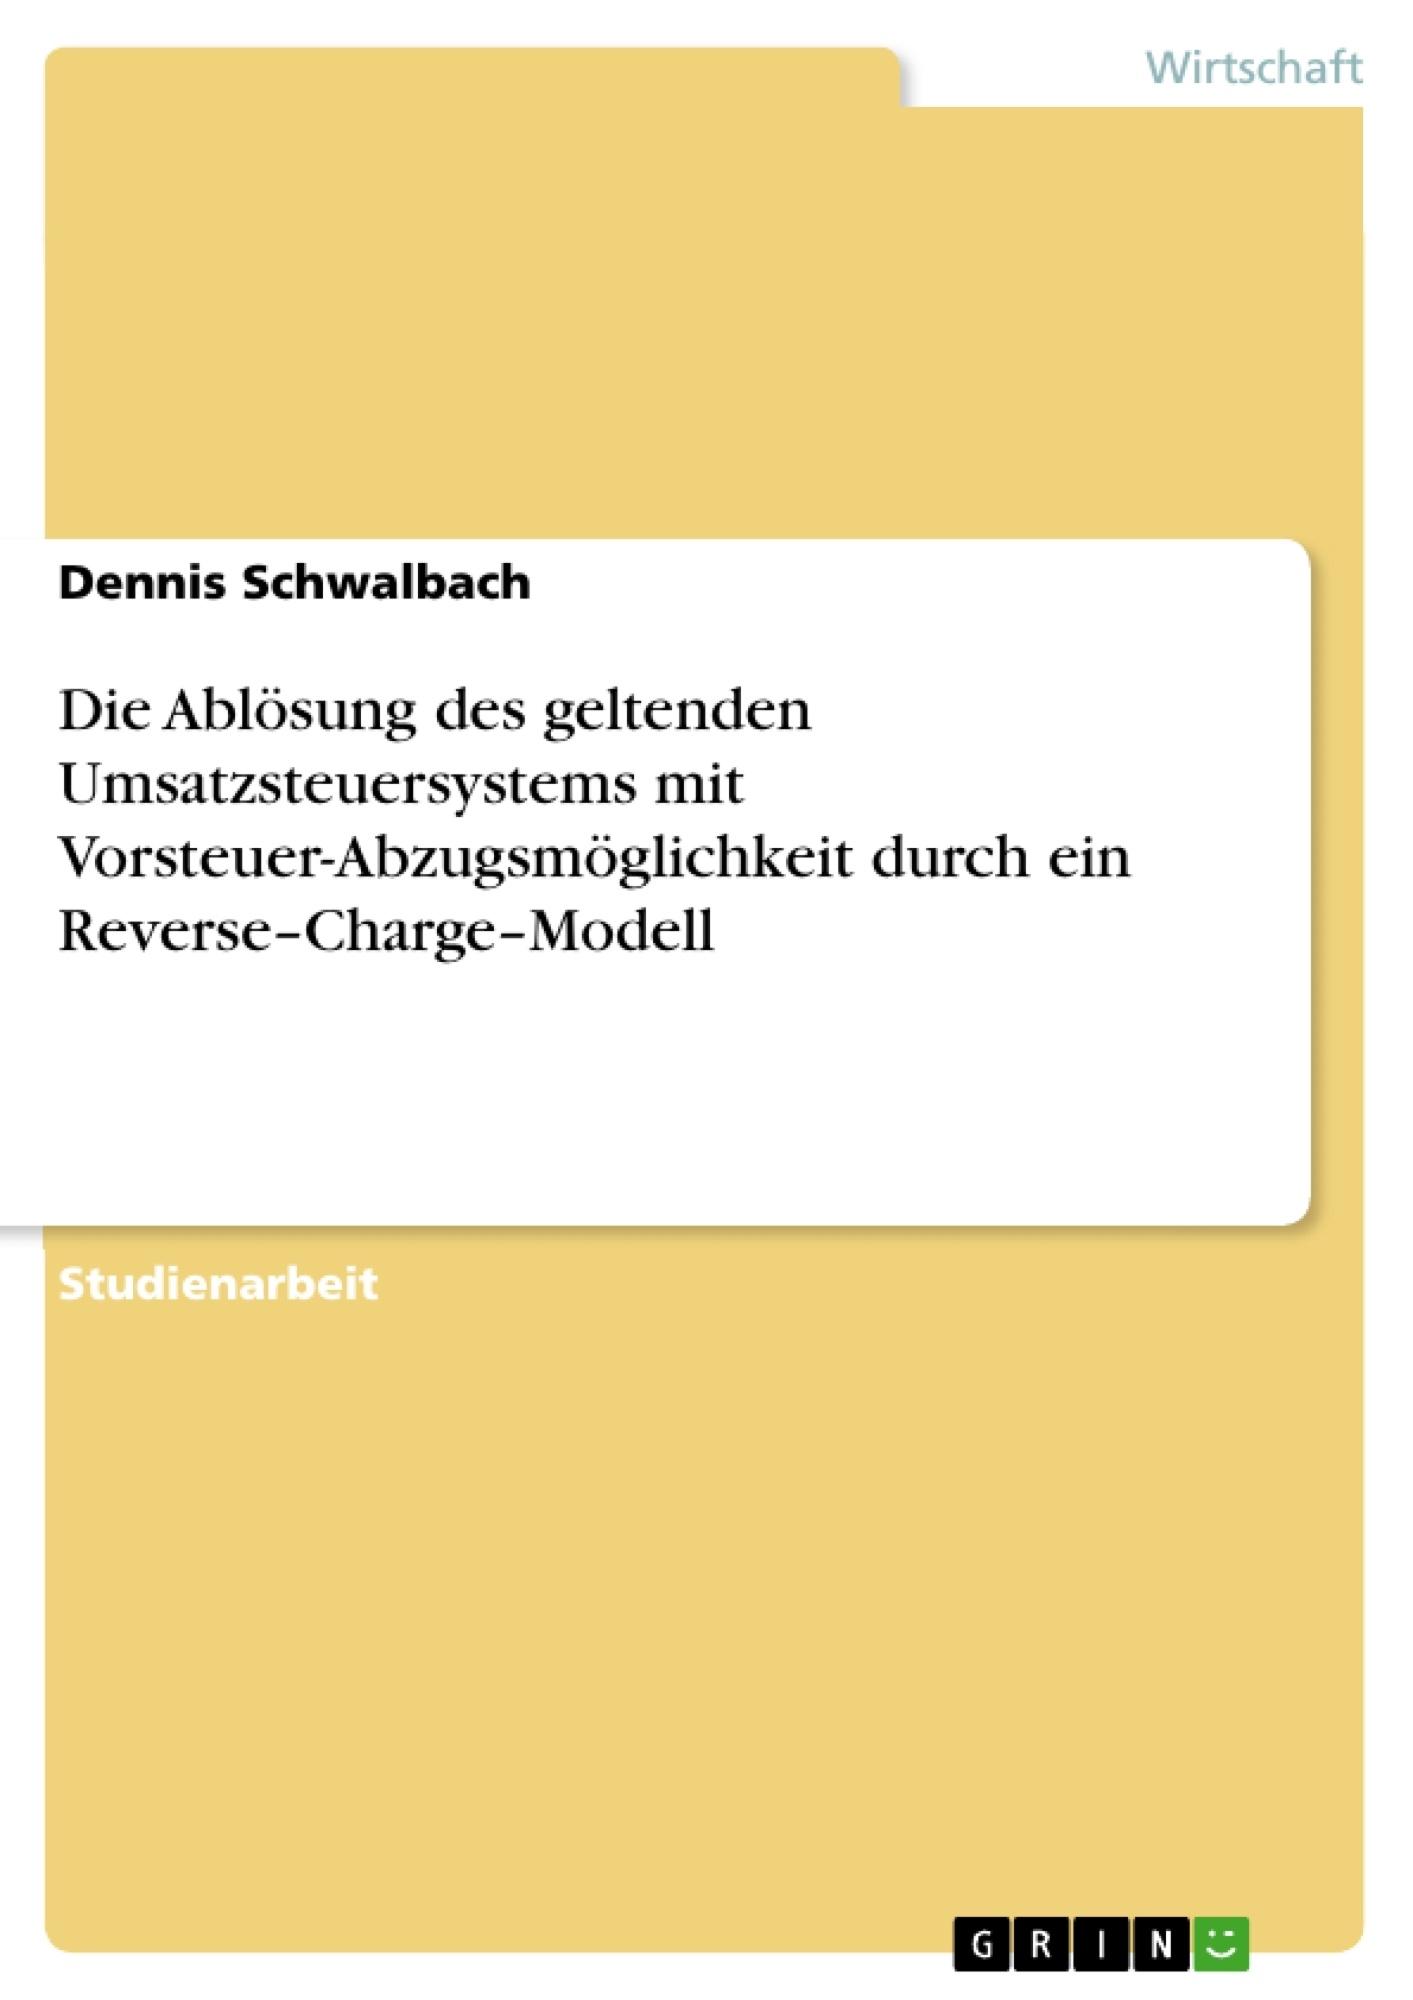 Titel: Die Ablösung des geltenden Umsatzsteuersystems mit Vorsteuer-Abzugsmöglichkeit durch ein Reverse–Charge–Modell